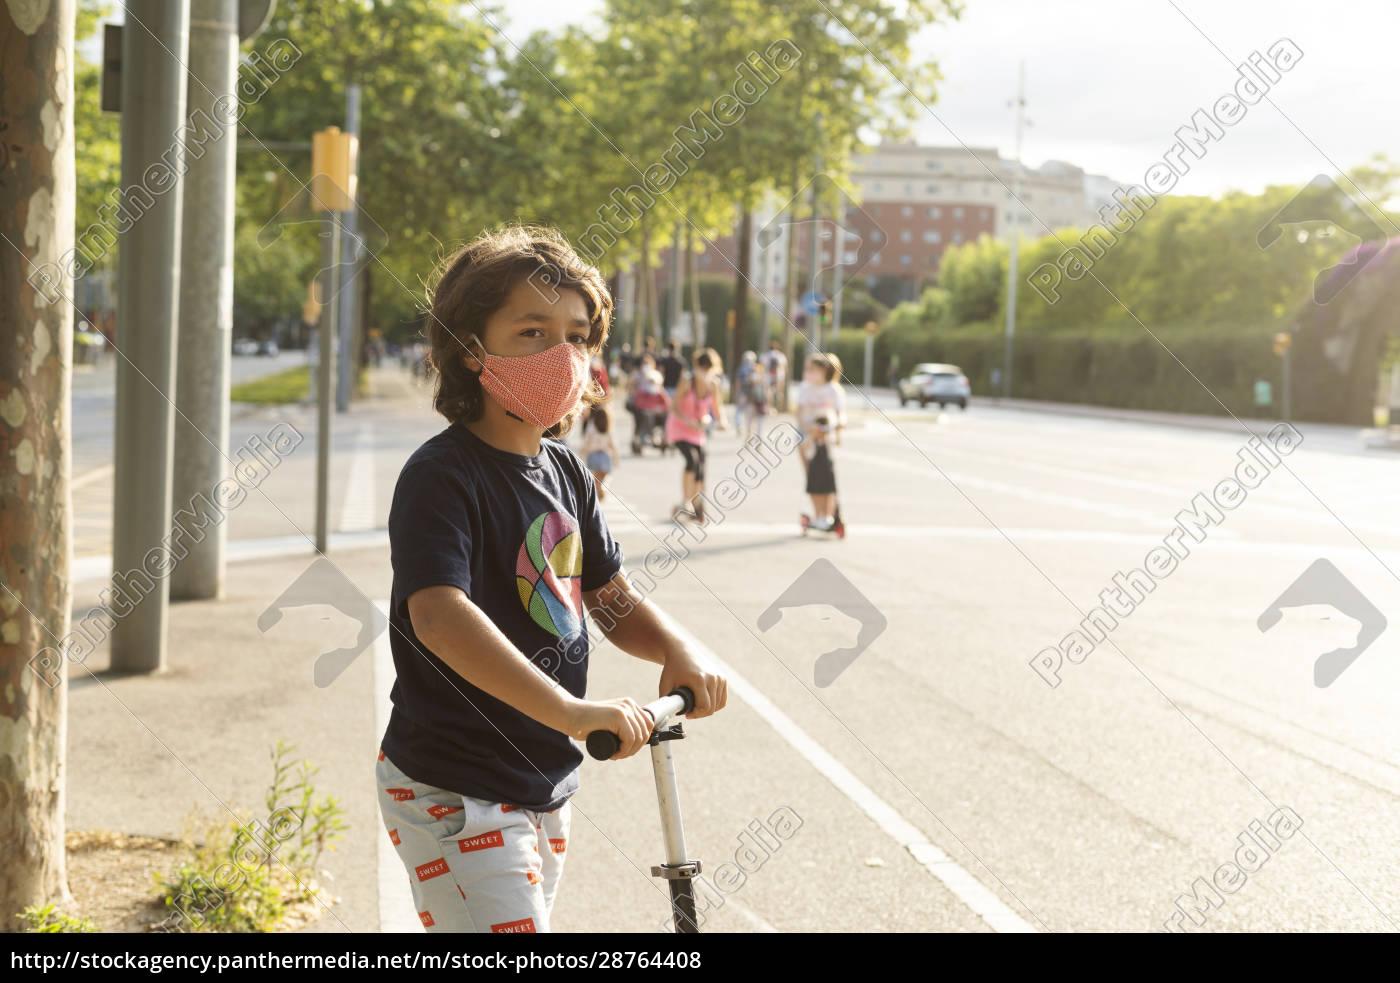 porträt, von, jungen, tragen, schutzmaske, reiten - 28764408